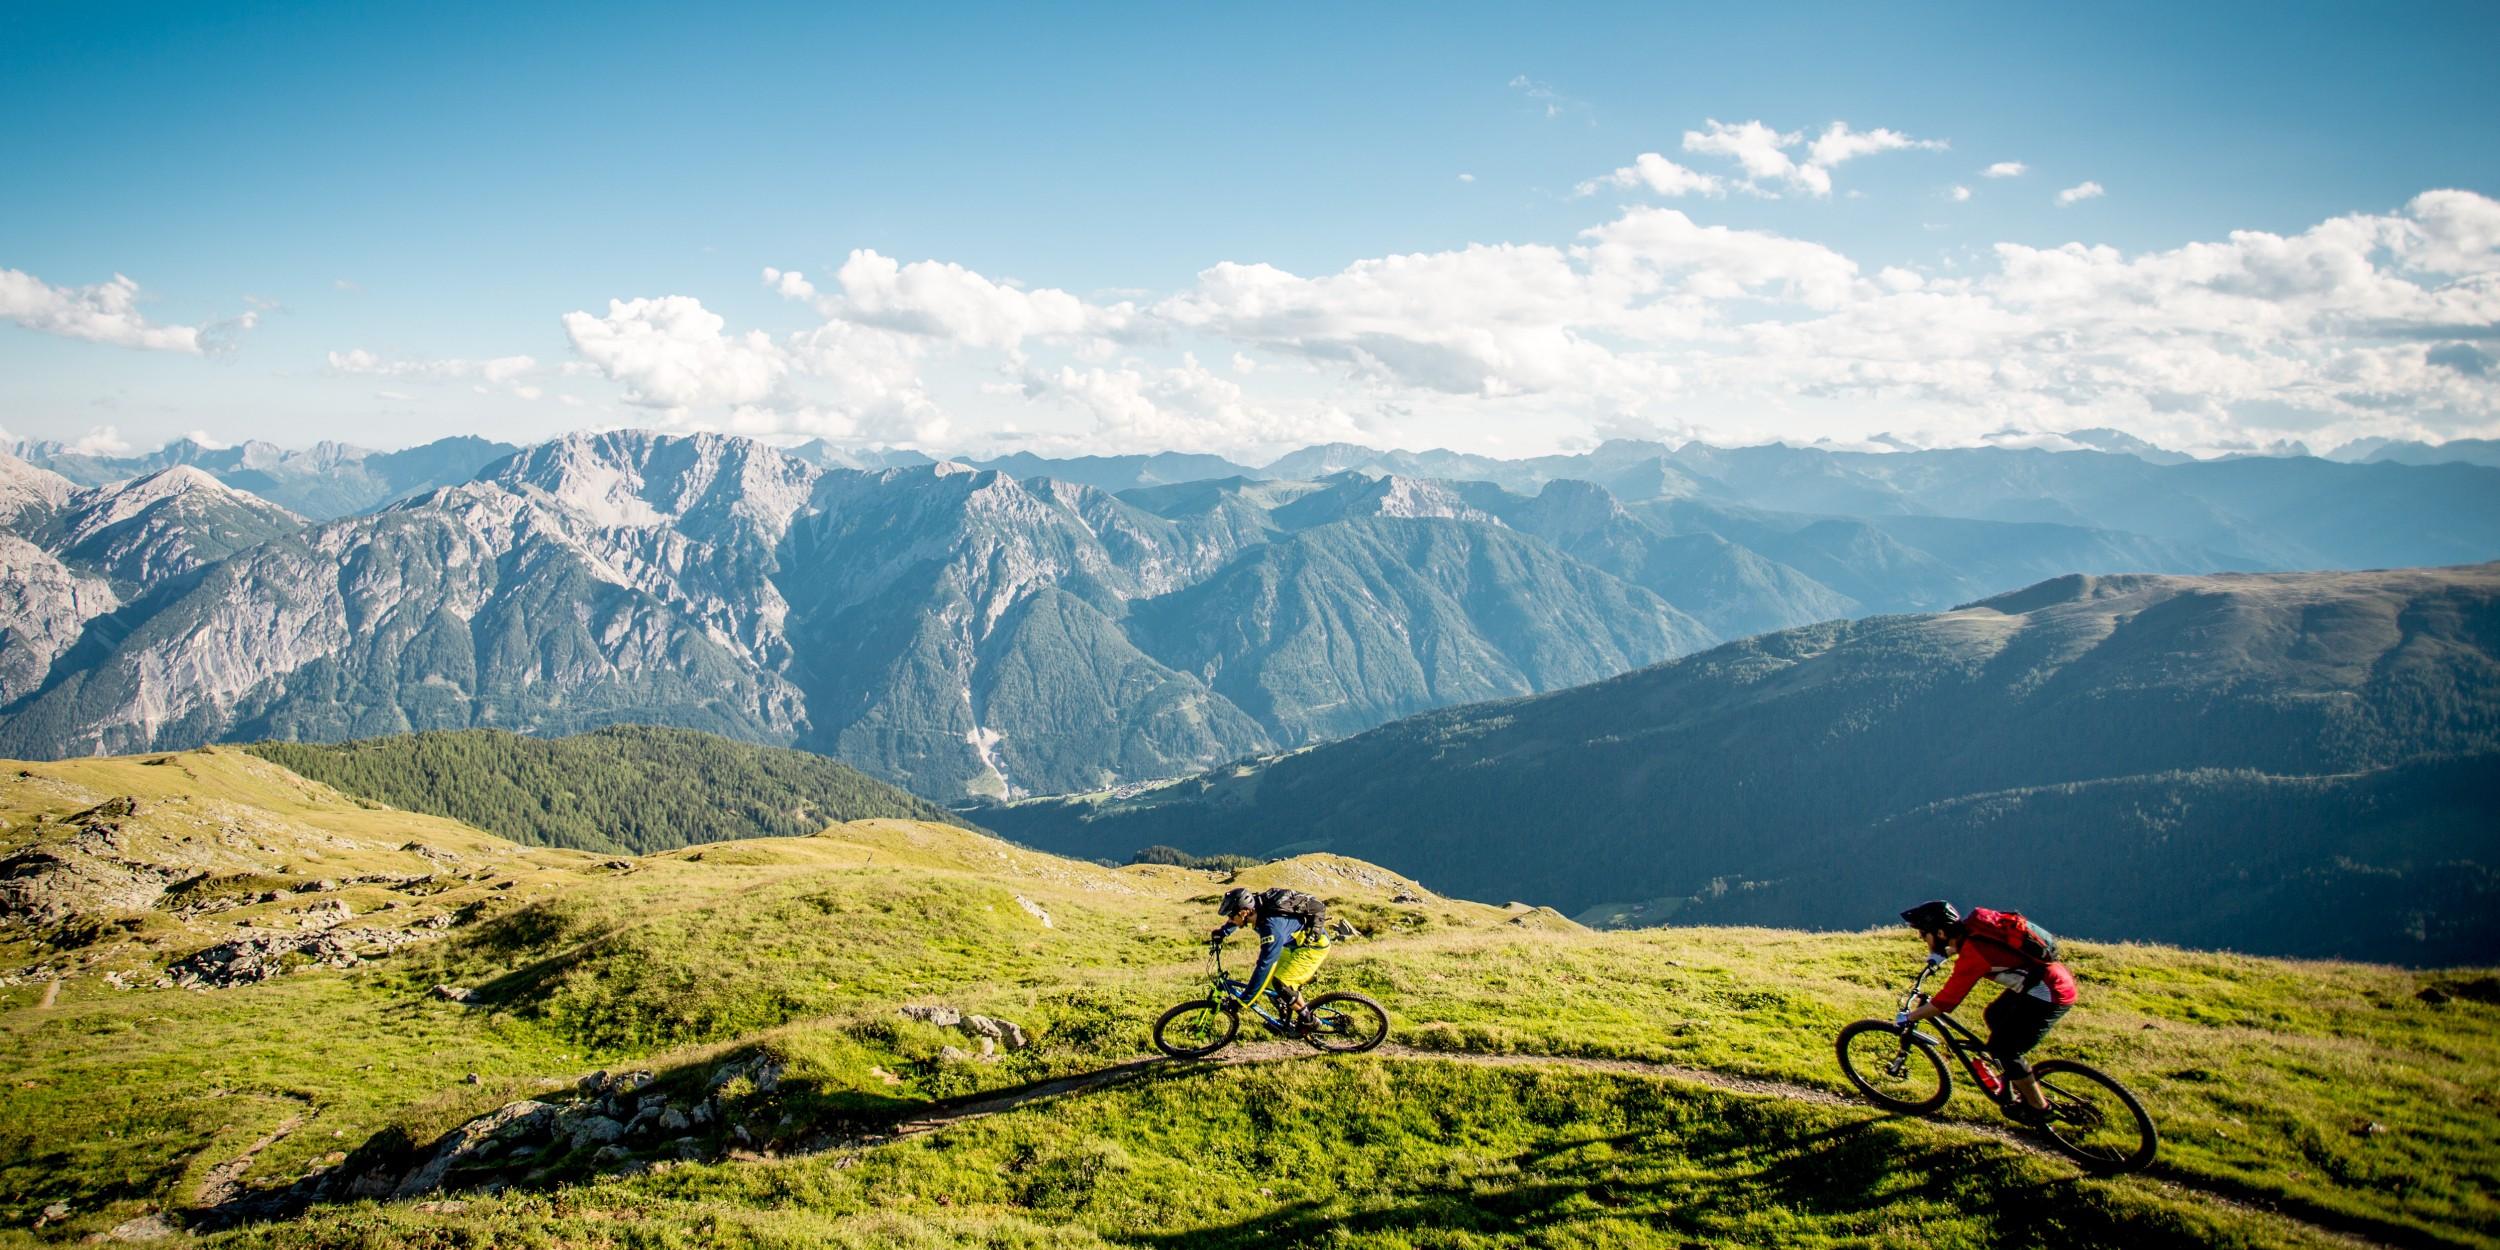 Biken zwischen Großglockner und Dolomiten